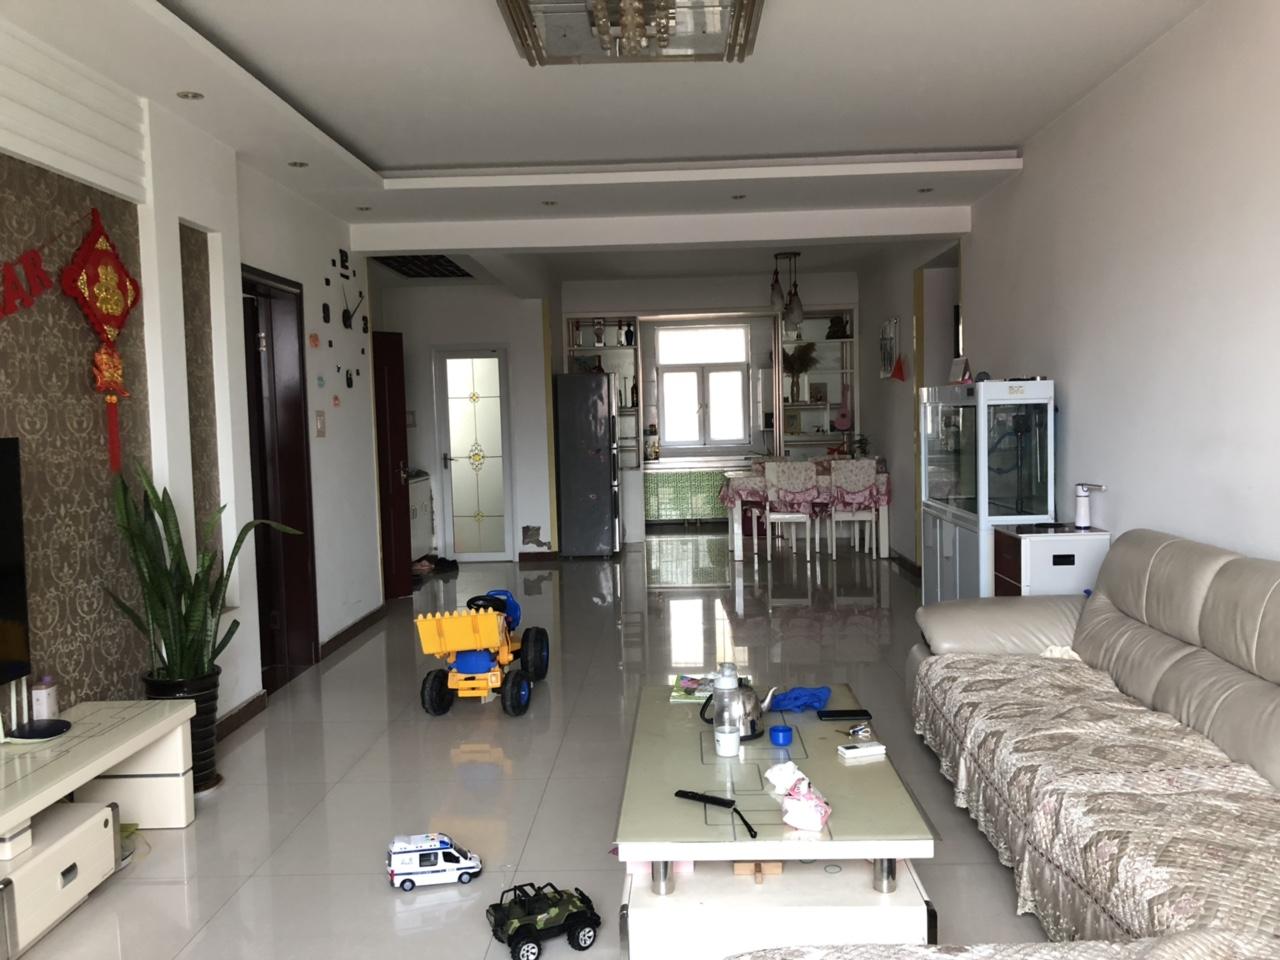 锦绣花园精装婚房3室2厅2卫78万元